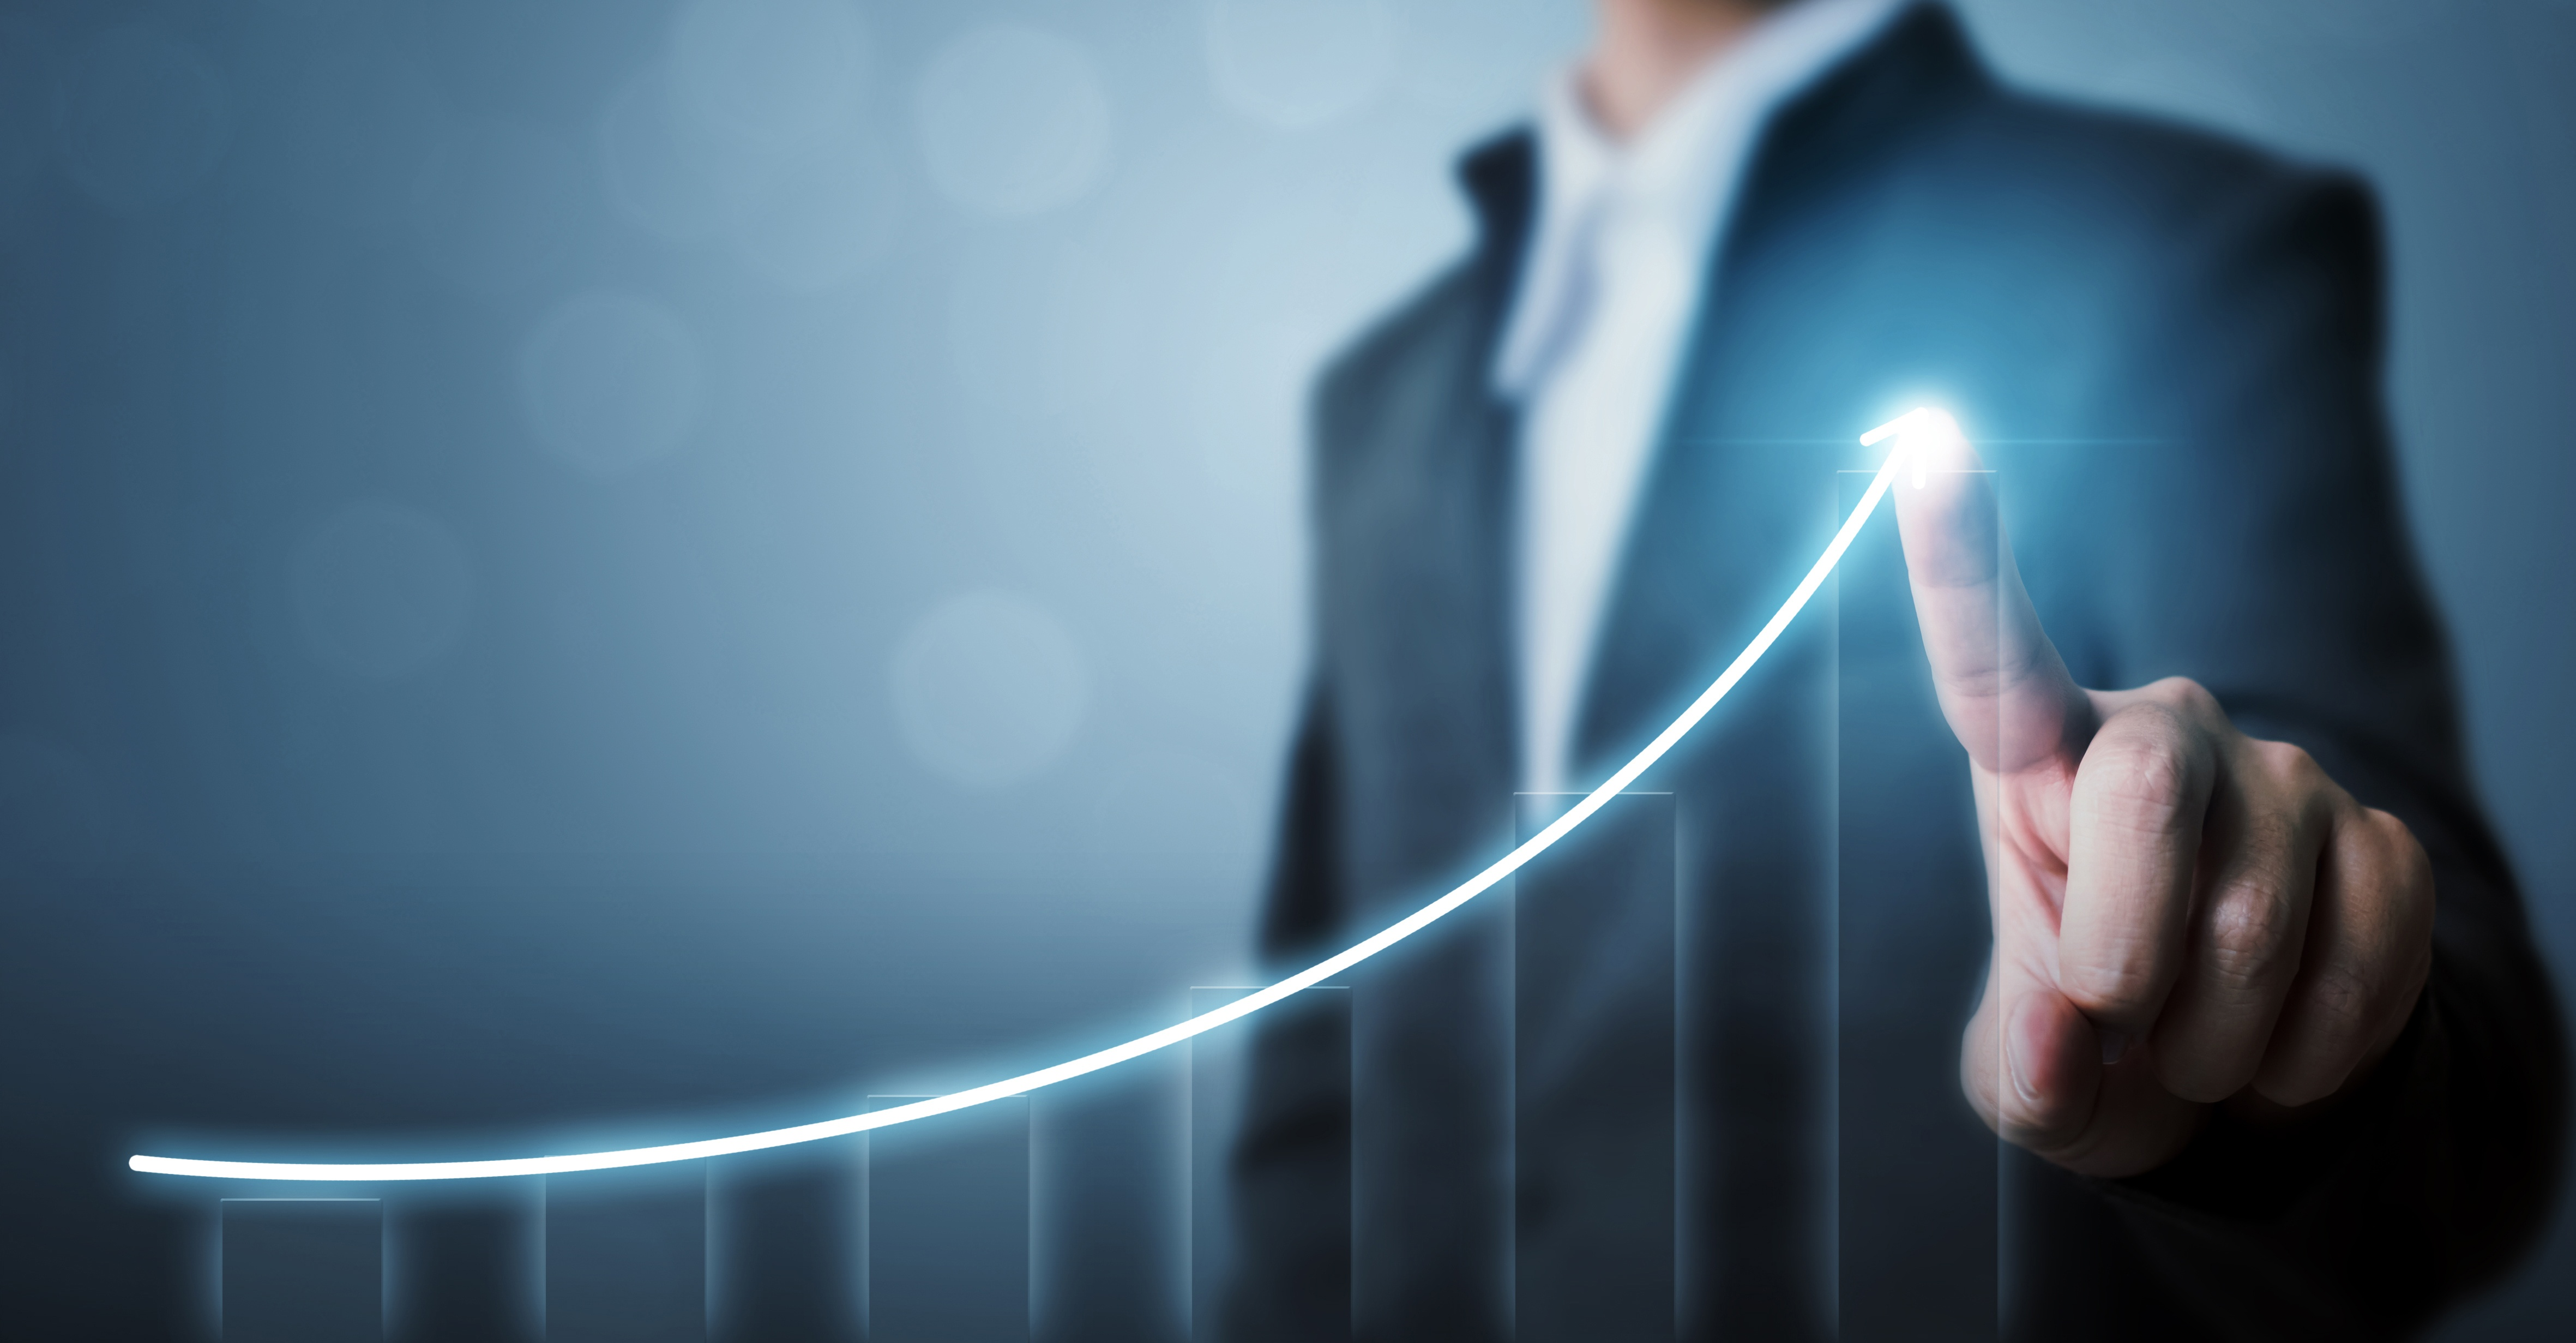 Cómo aumentar tus leads y ventas por internet gracias a Inbound Marketing [historia de un cliente]